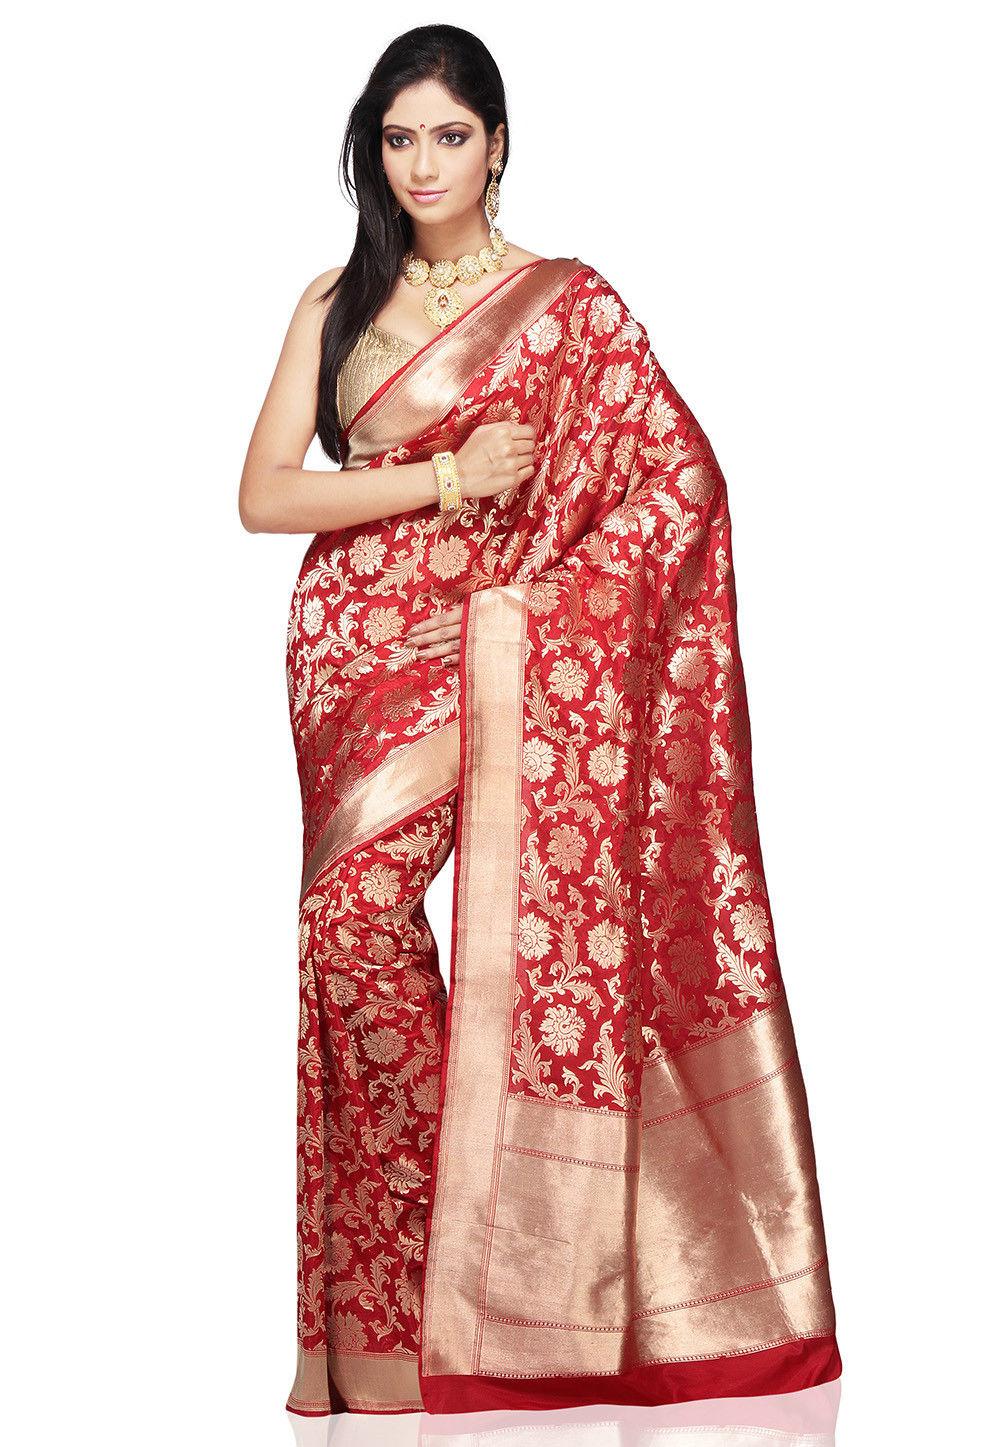 Utsav fashion shopping bag - Handloom Pure Banarasi Silk Saree In Red